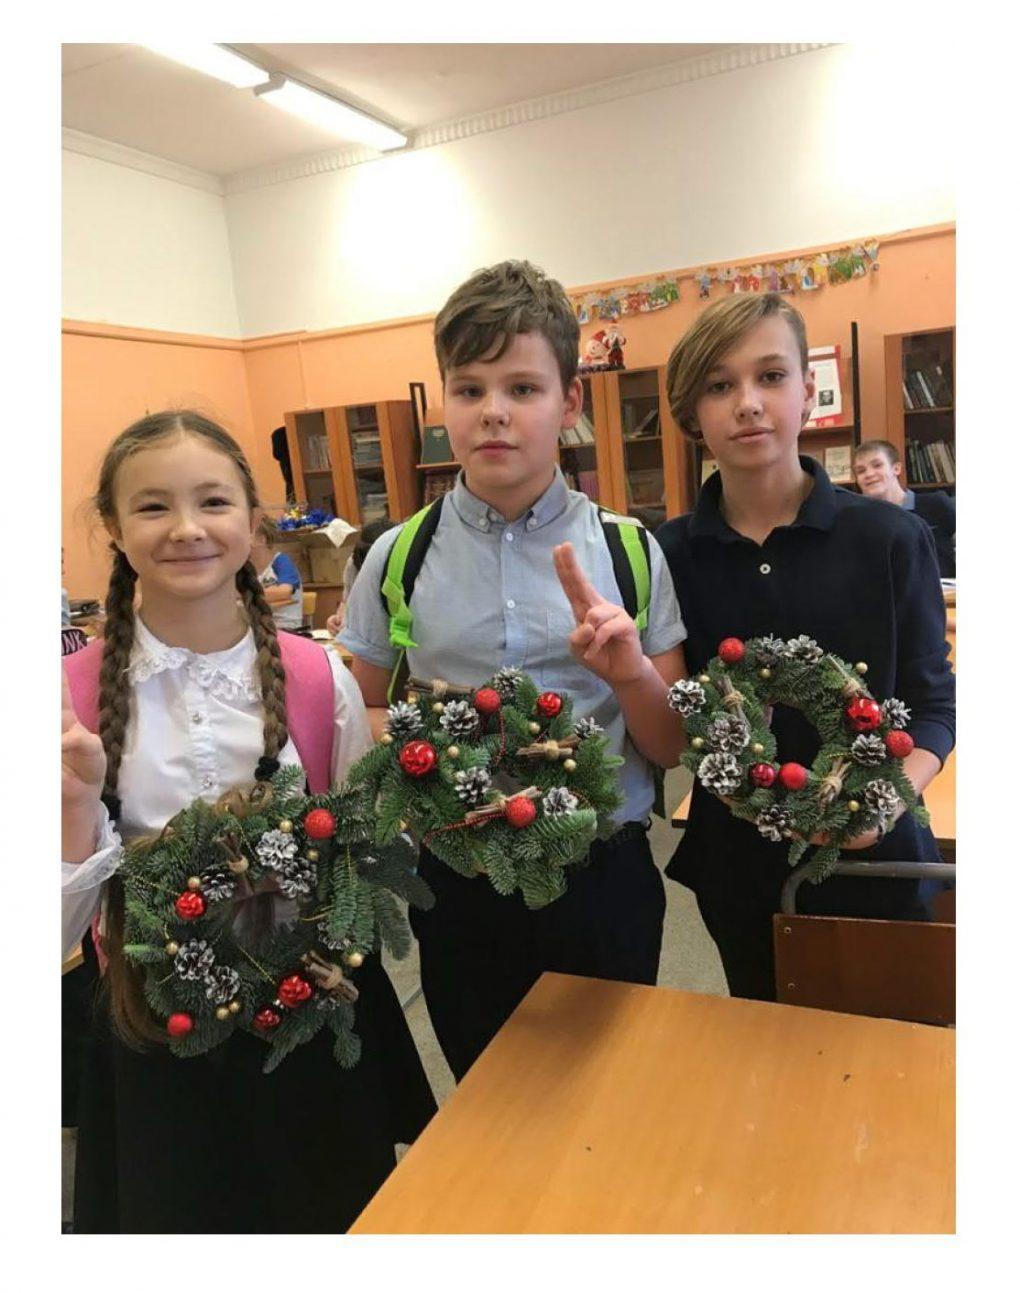 Накануне Новогодних праздников в школе прошел мастер-класс по изготовлению праздничного венка._3